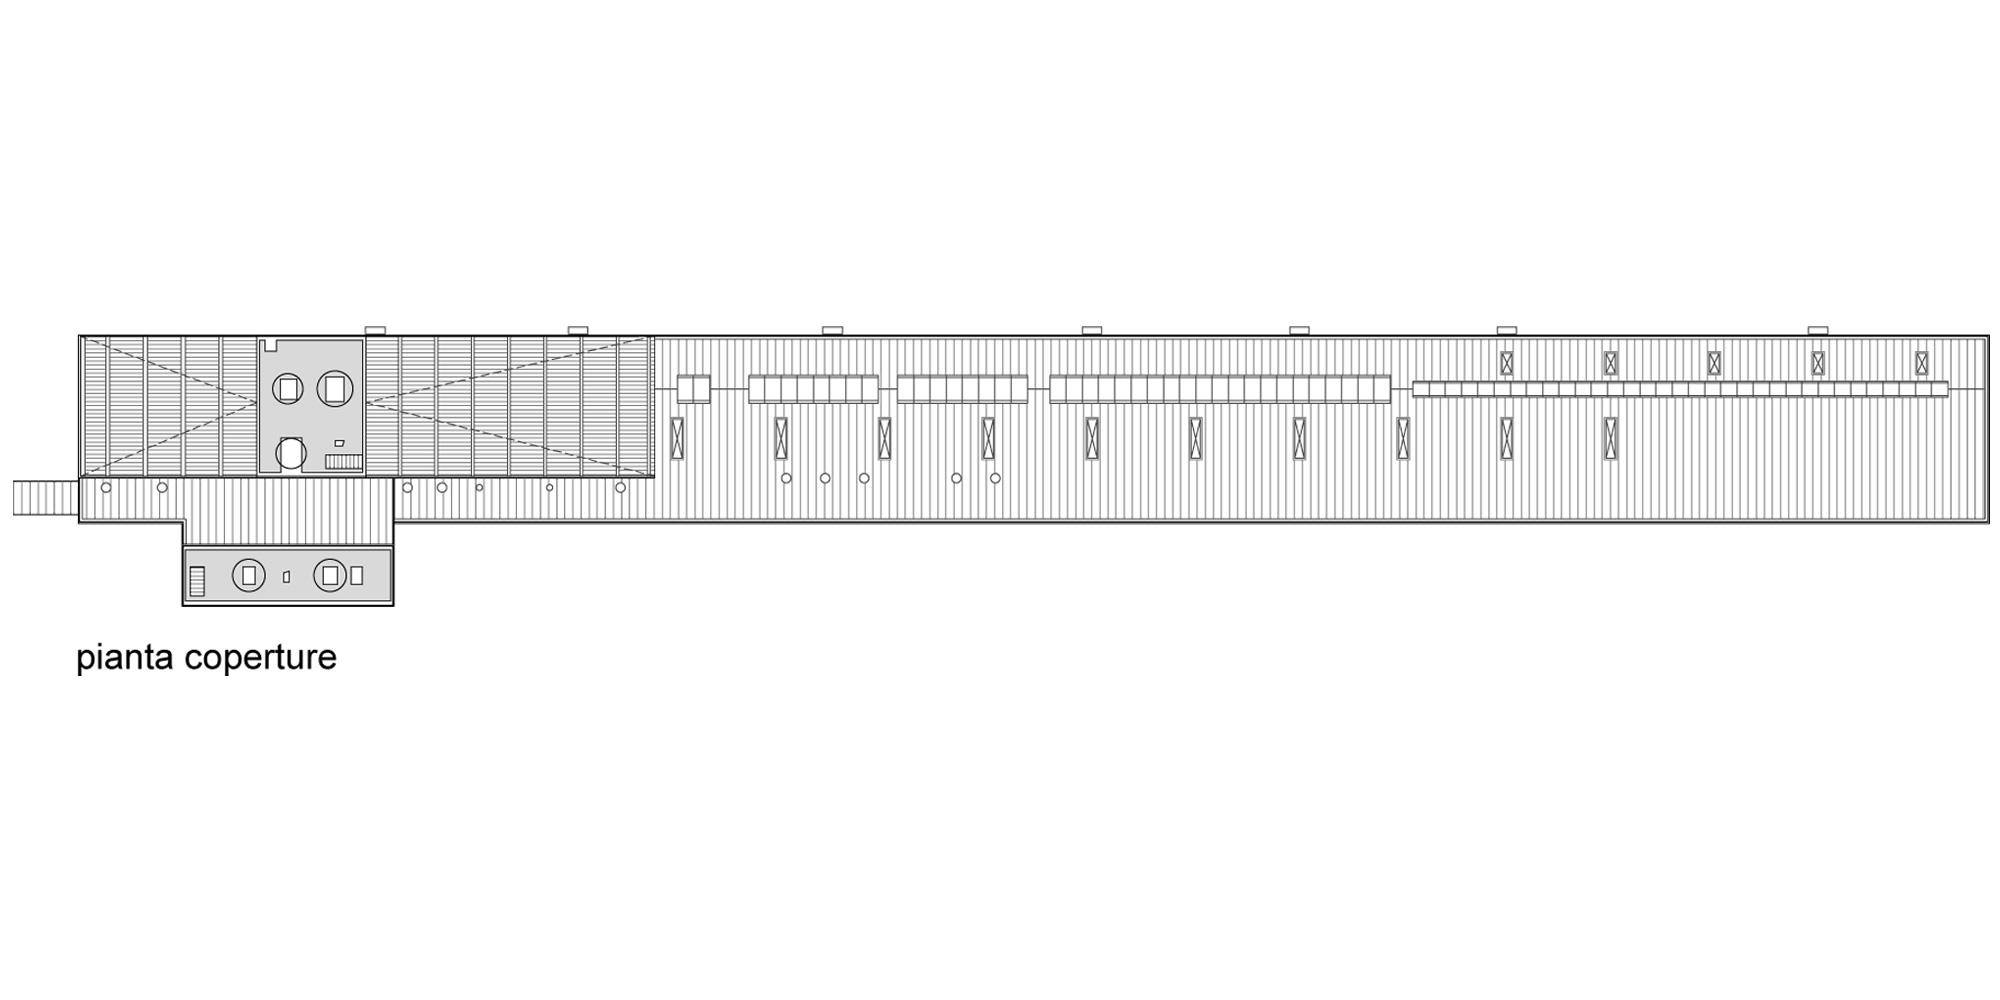 Pianta coperture © Valle Architetti Associati